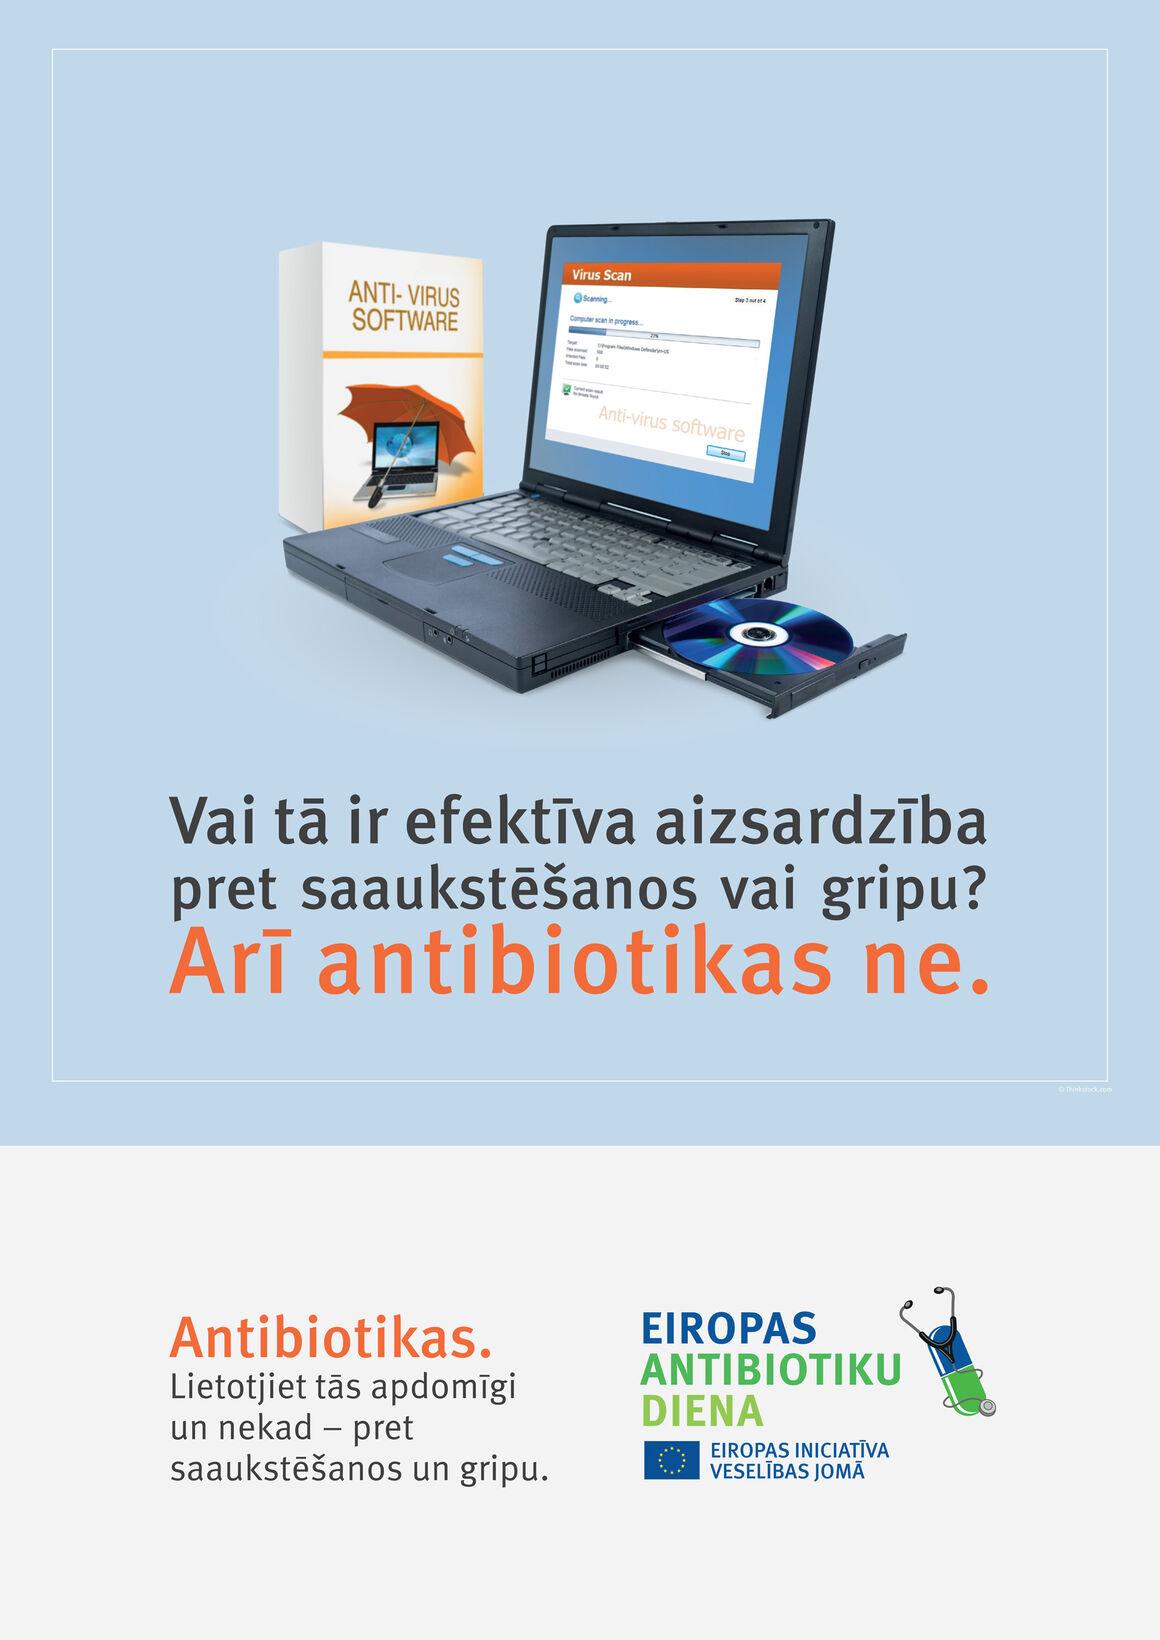 Plakāti: Vai tā ir efektīva aizsardzība pret saaukstēšanos vai gripu? Arī antibiotikas ne.